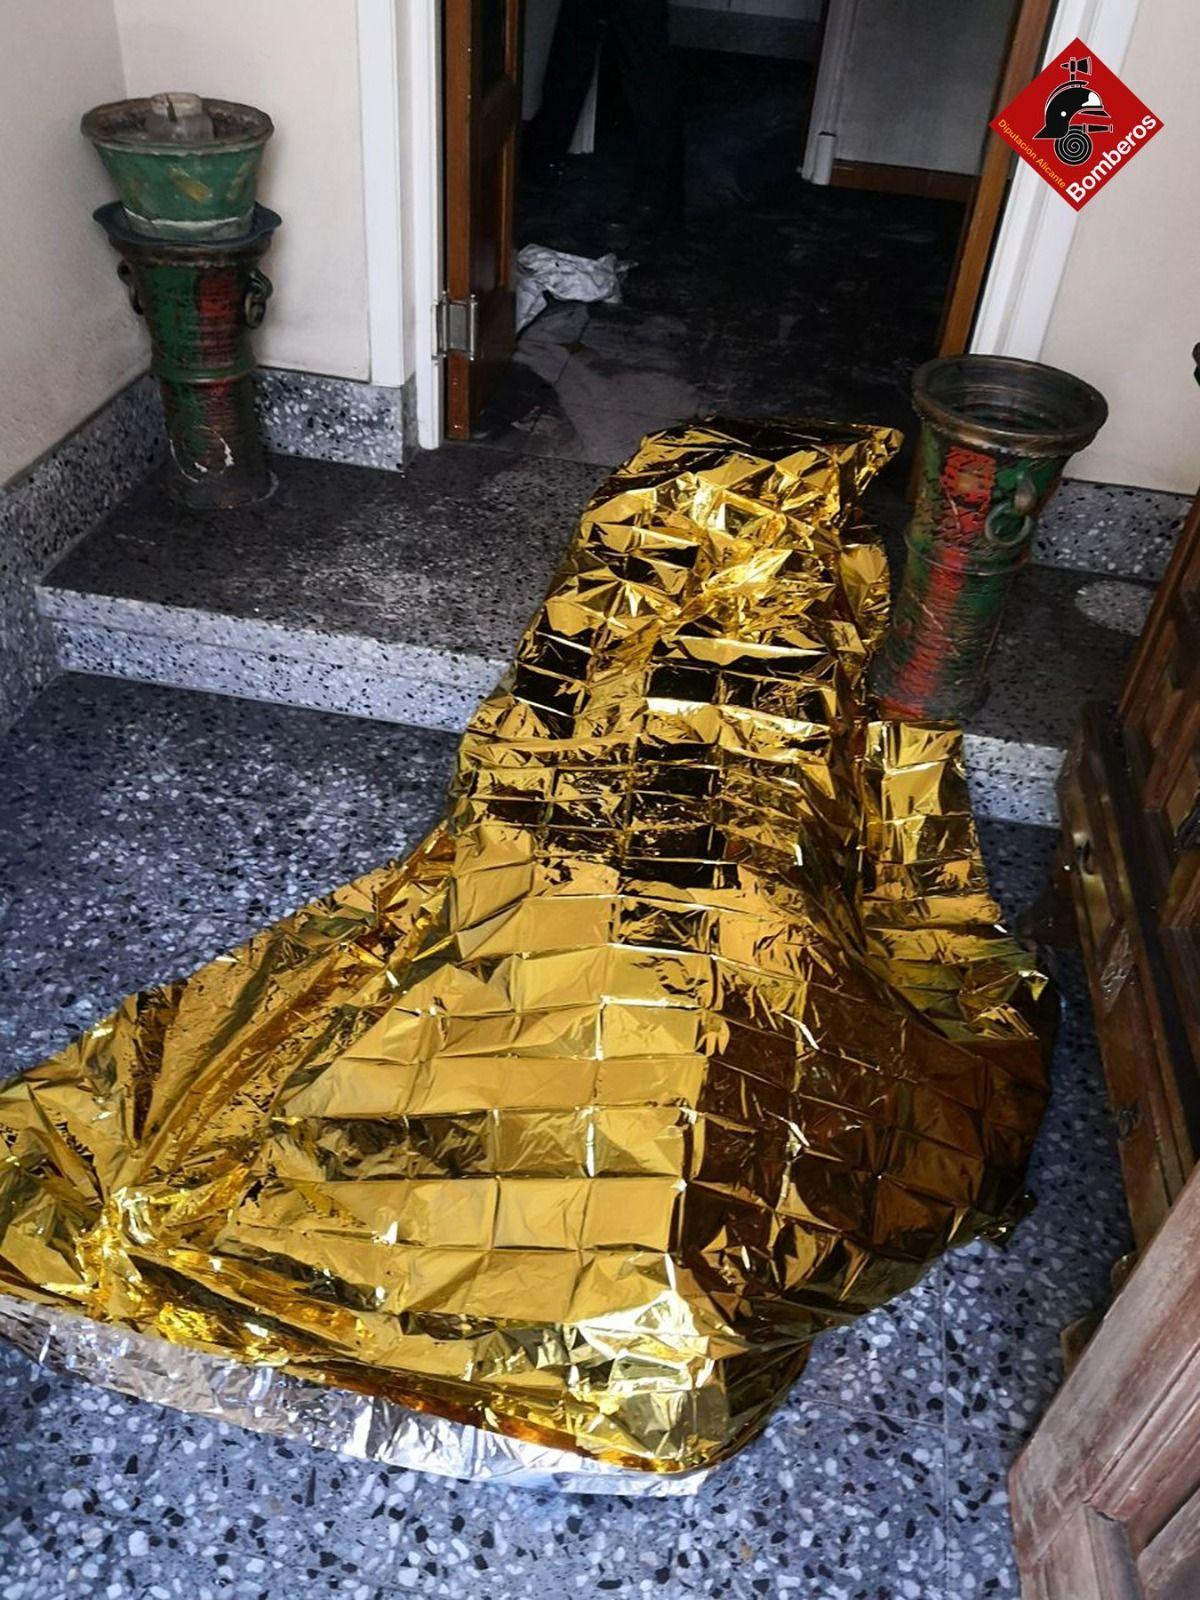 Fallece una mujer de avanzada edad en el incendio de una vivienda en Alcoy